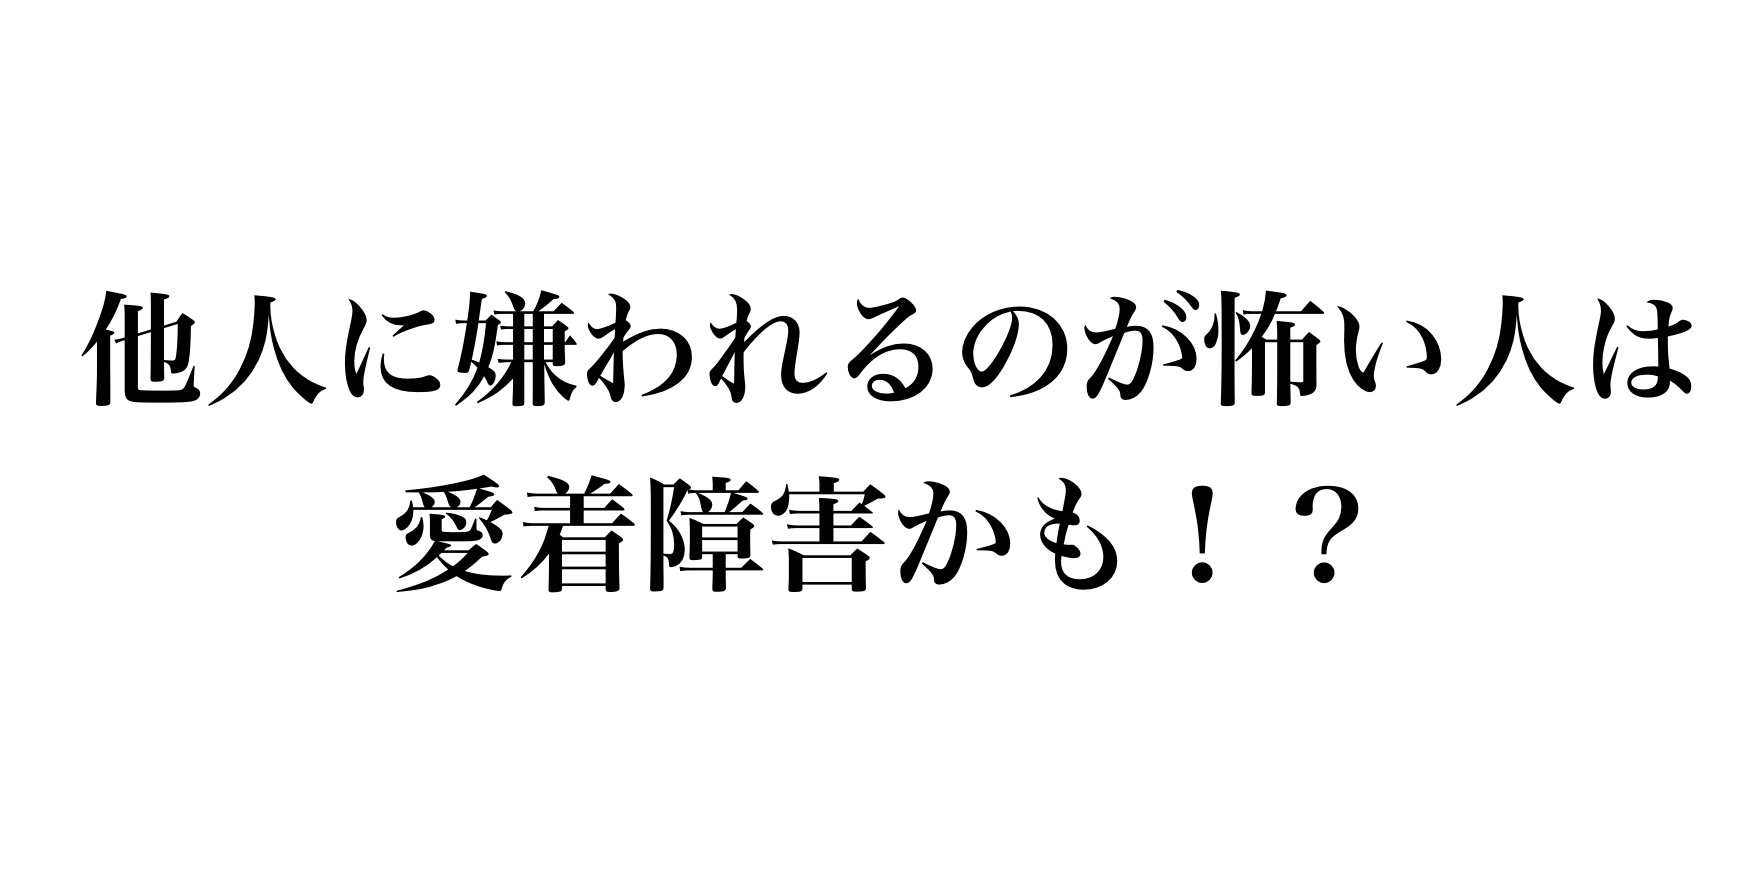 スクリーンショット 2018-11-04 18.43.58